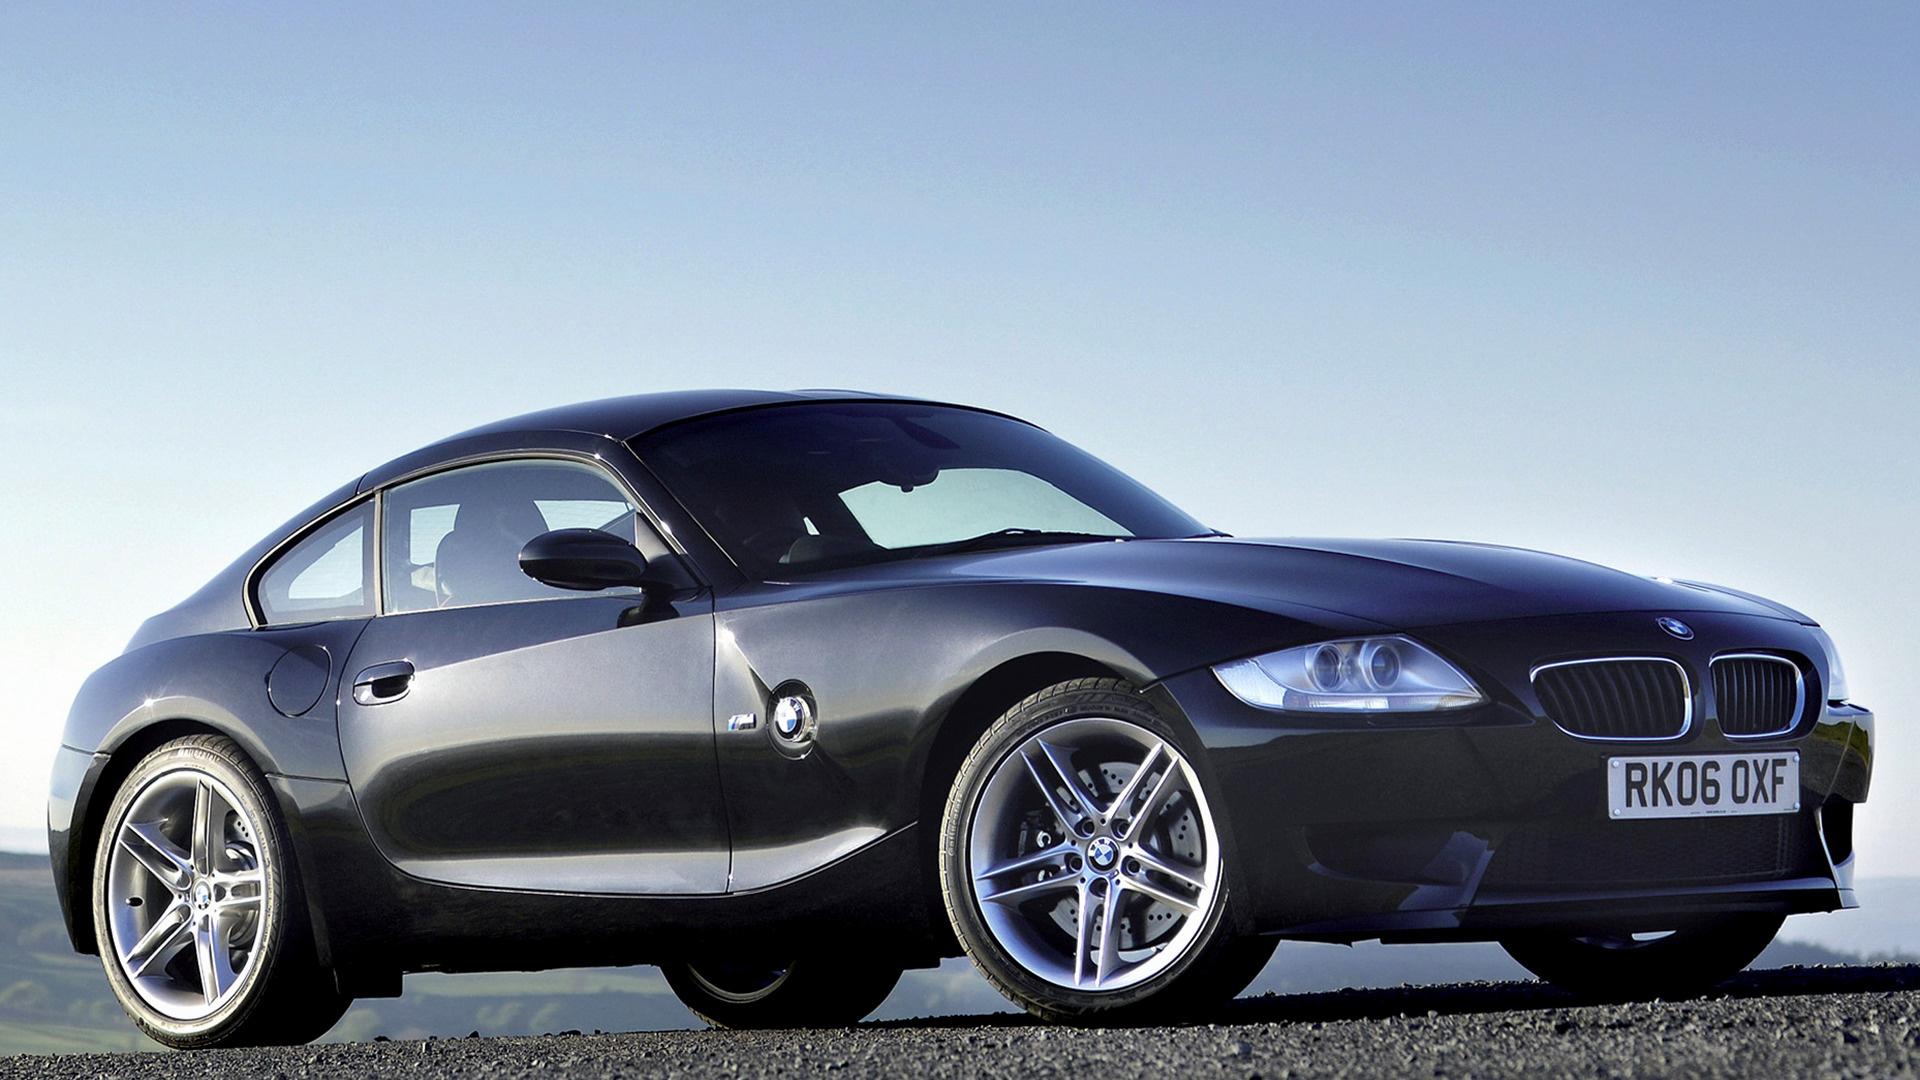 2006 Bmw Z4 M Coupe Uk Papeis De Parede E Imagens De Fundo Em Hd Car Pixel